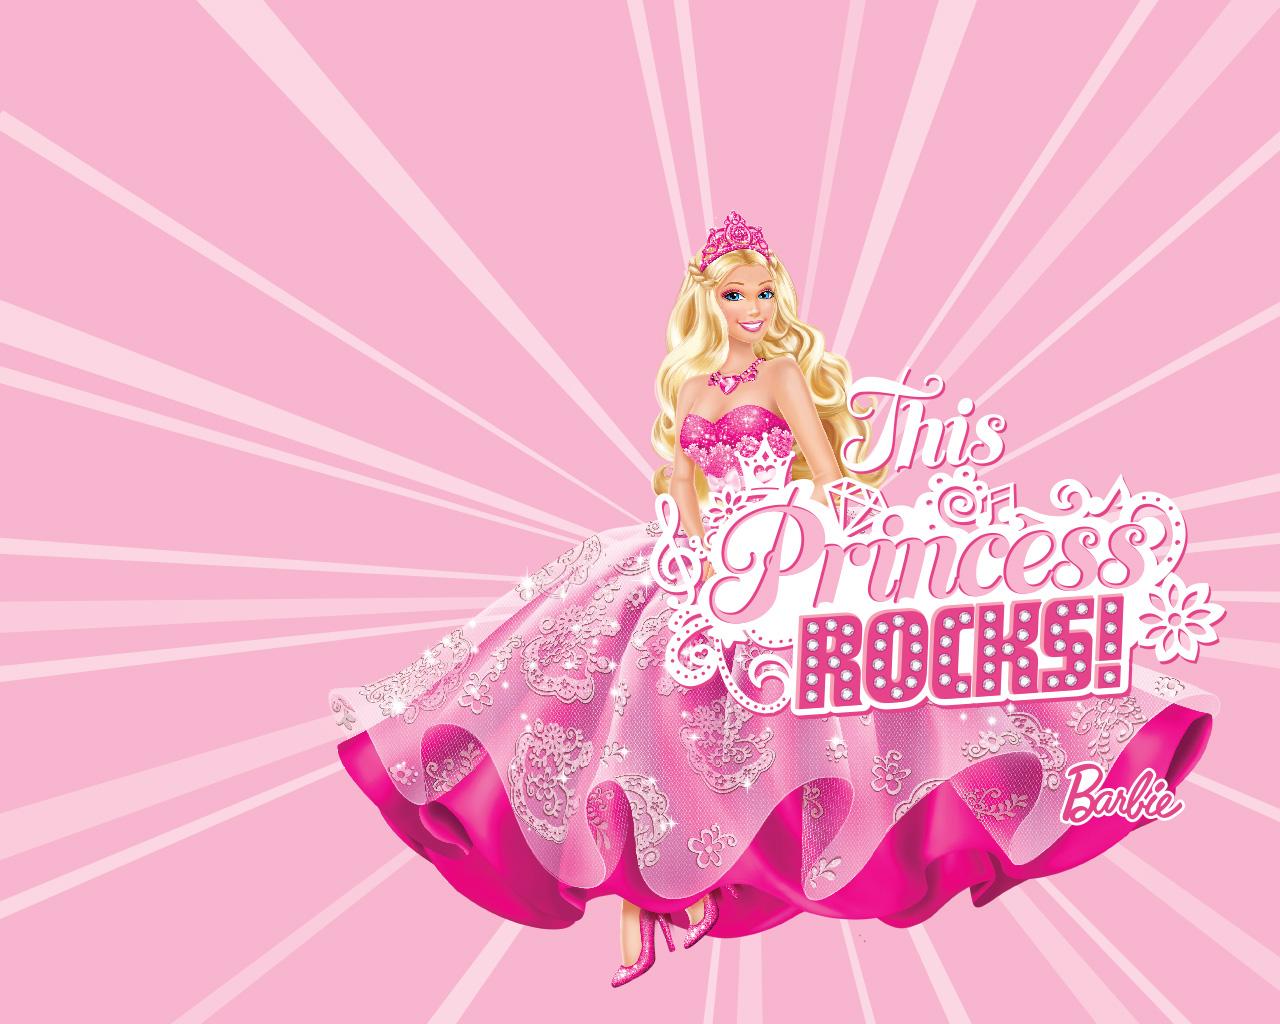 barbie wallpaper desktop